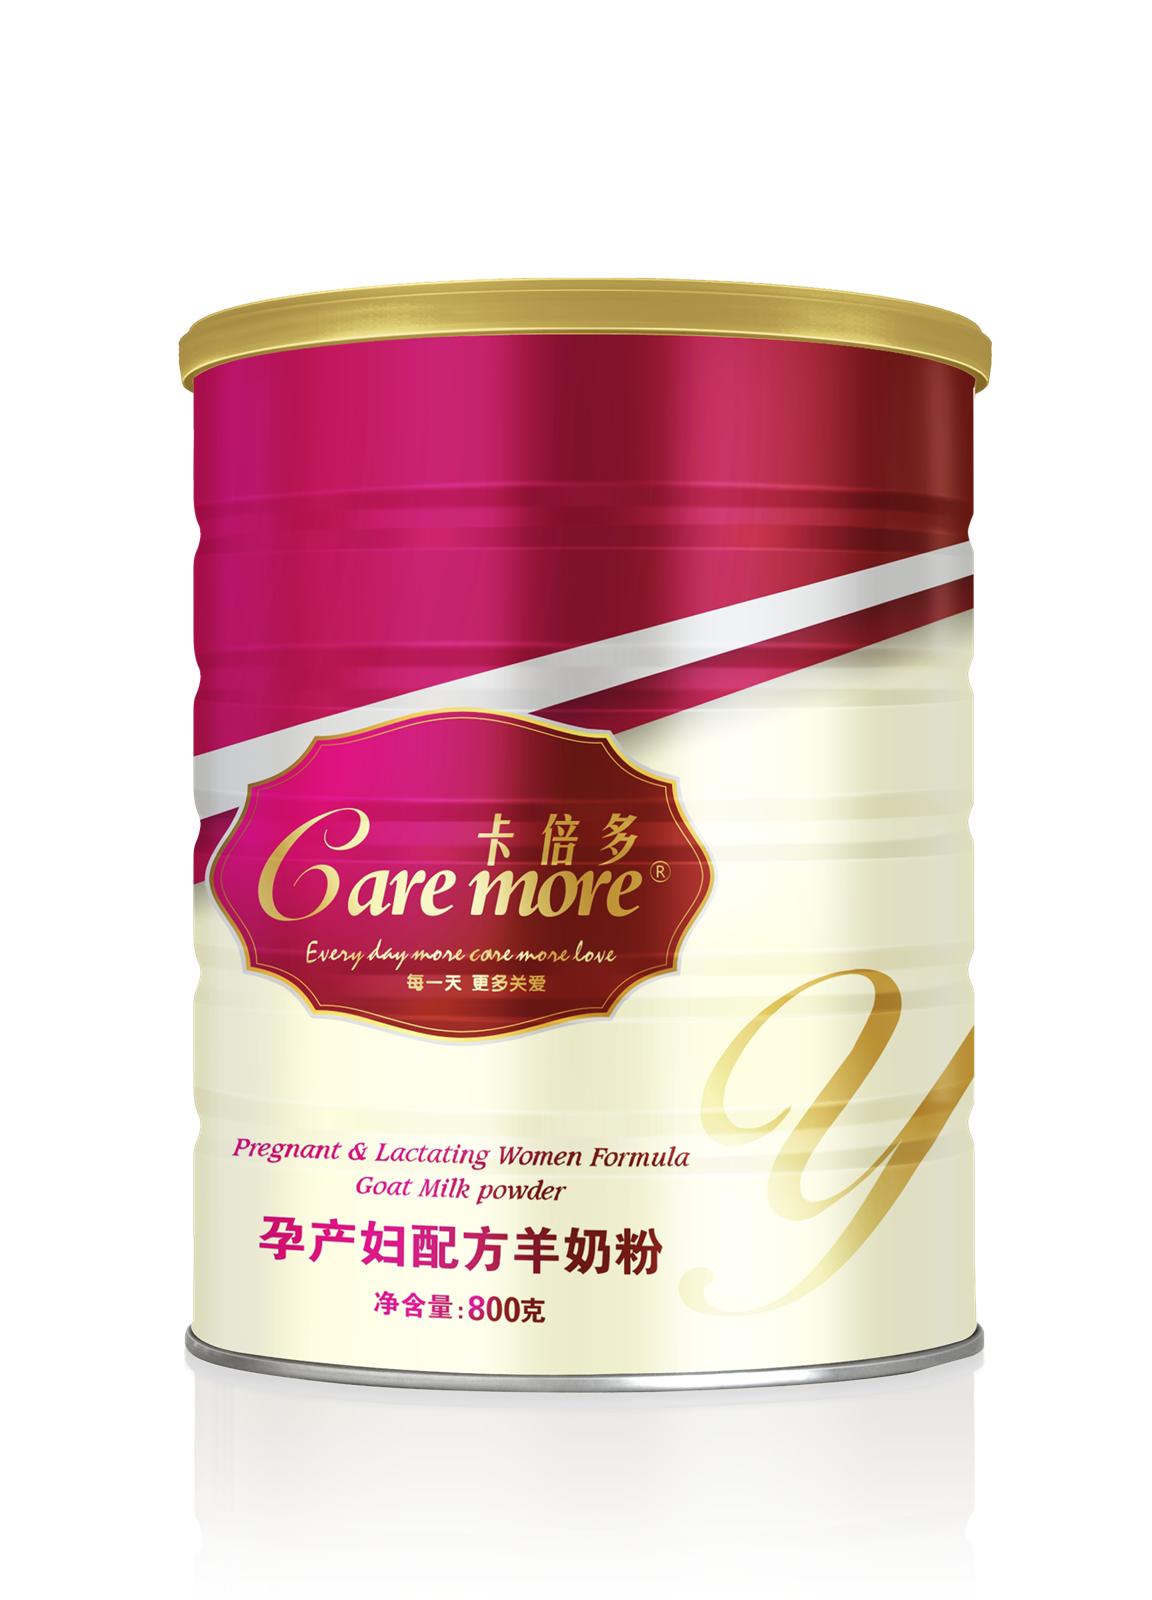 卡倍多孕产妇配方羊奶粉